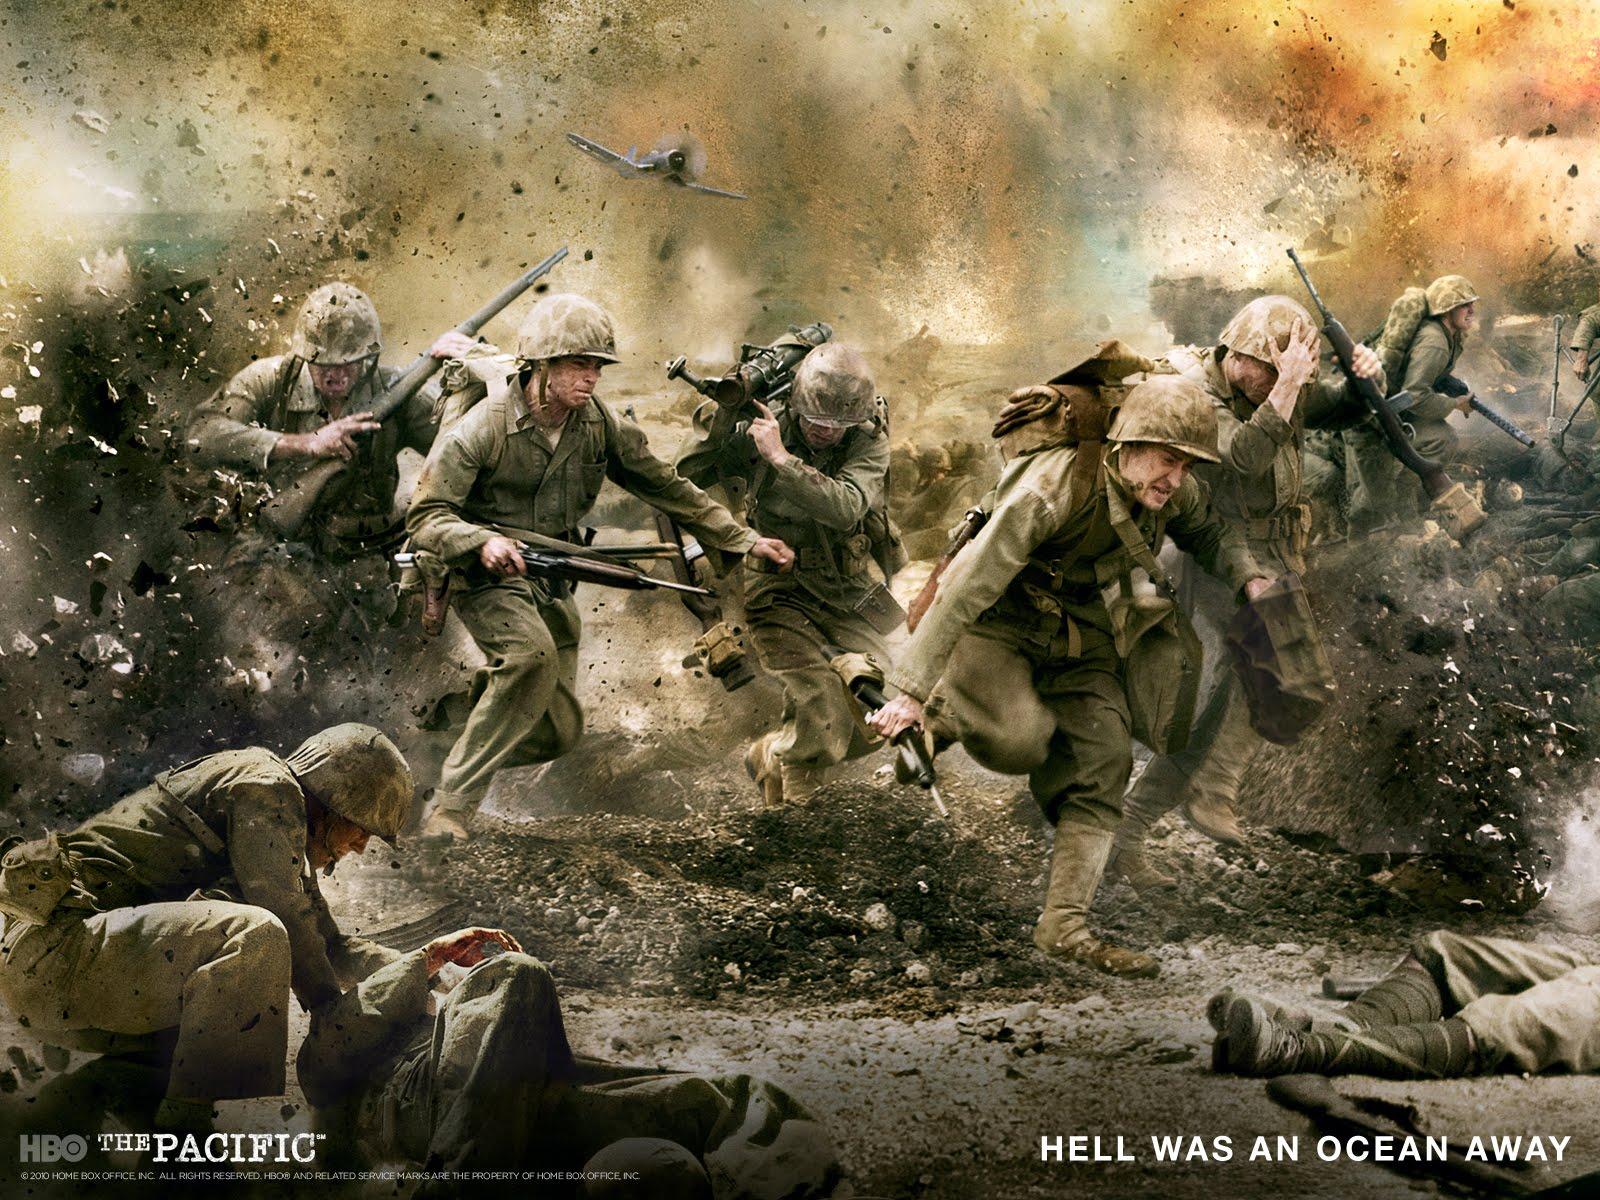 Une nouvelle mini-série pour Tom Hanks, Steven Spielberg et HBO